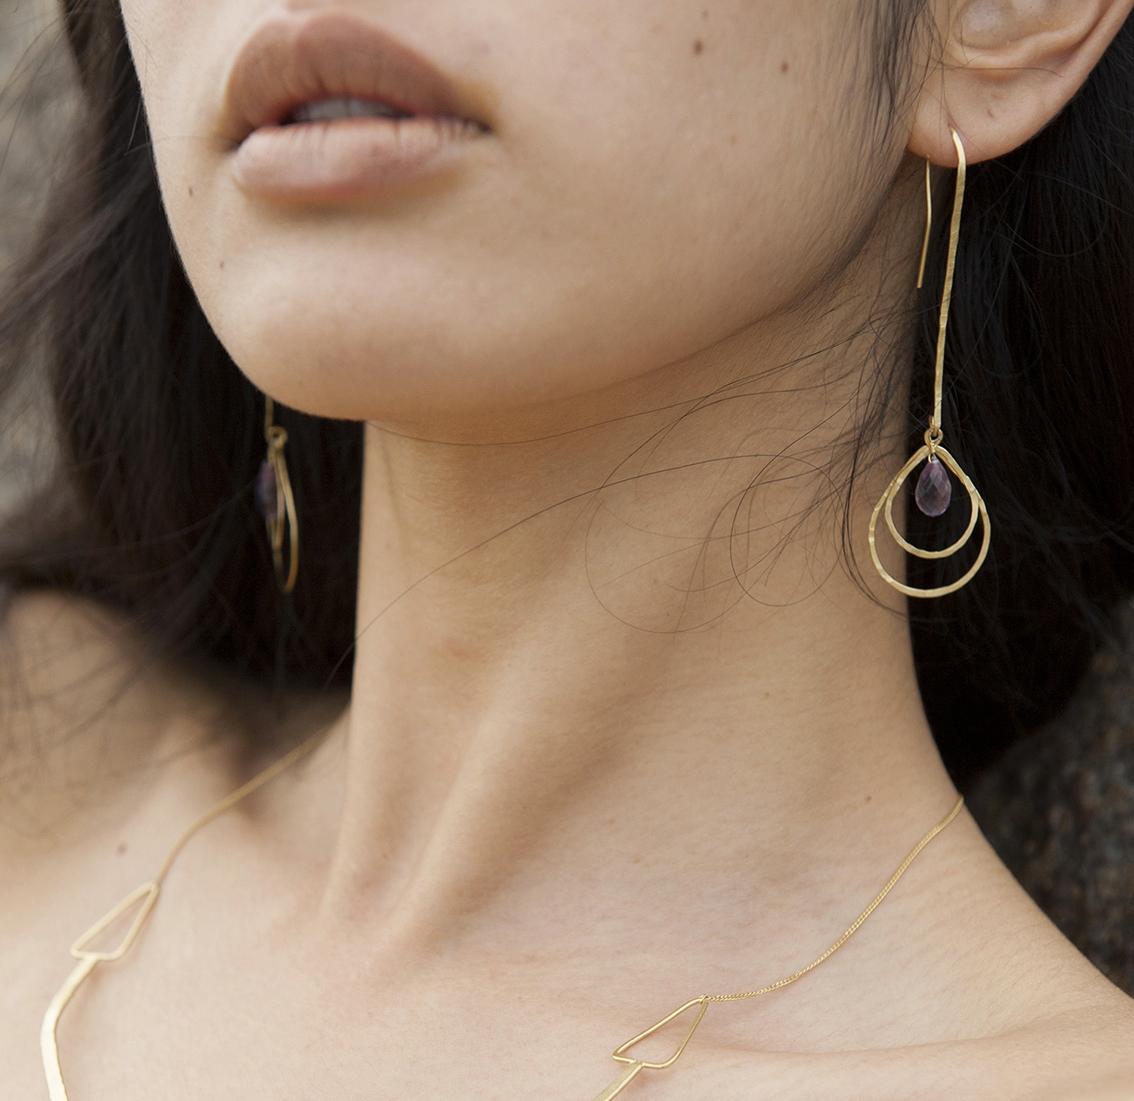 Boucles d'oreilles rigides, martelées, vermeil, or, pierres fines, améthyste.